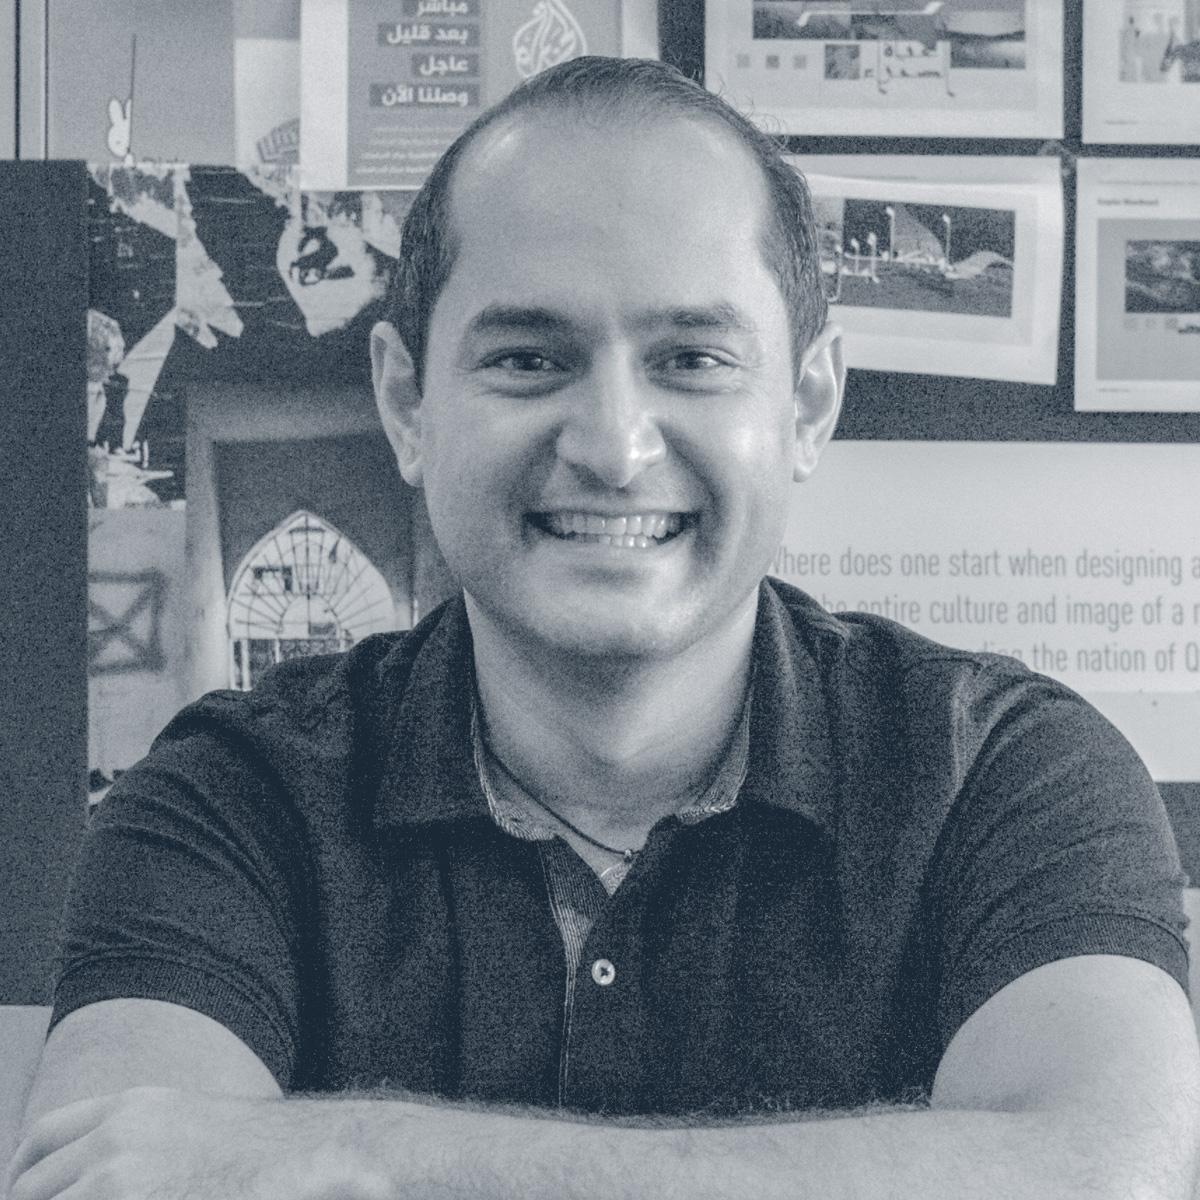 Tarek Atrissi